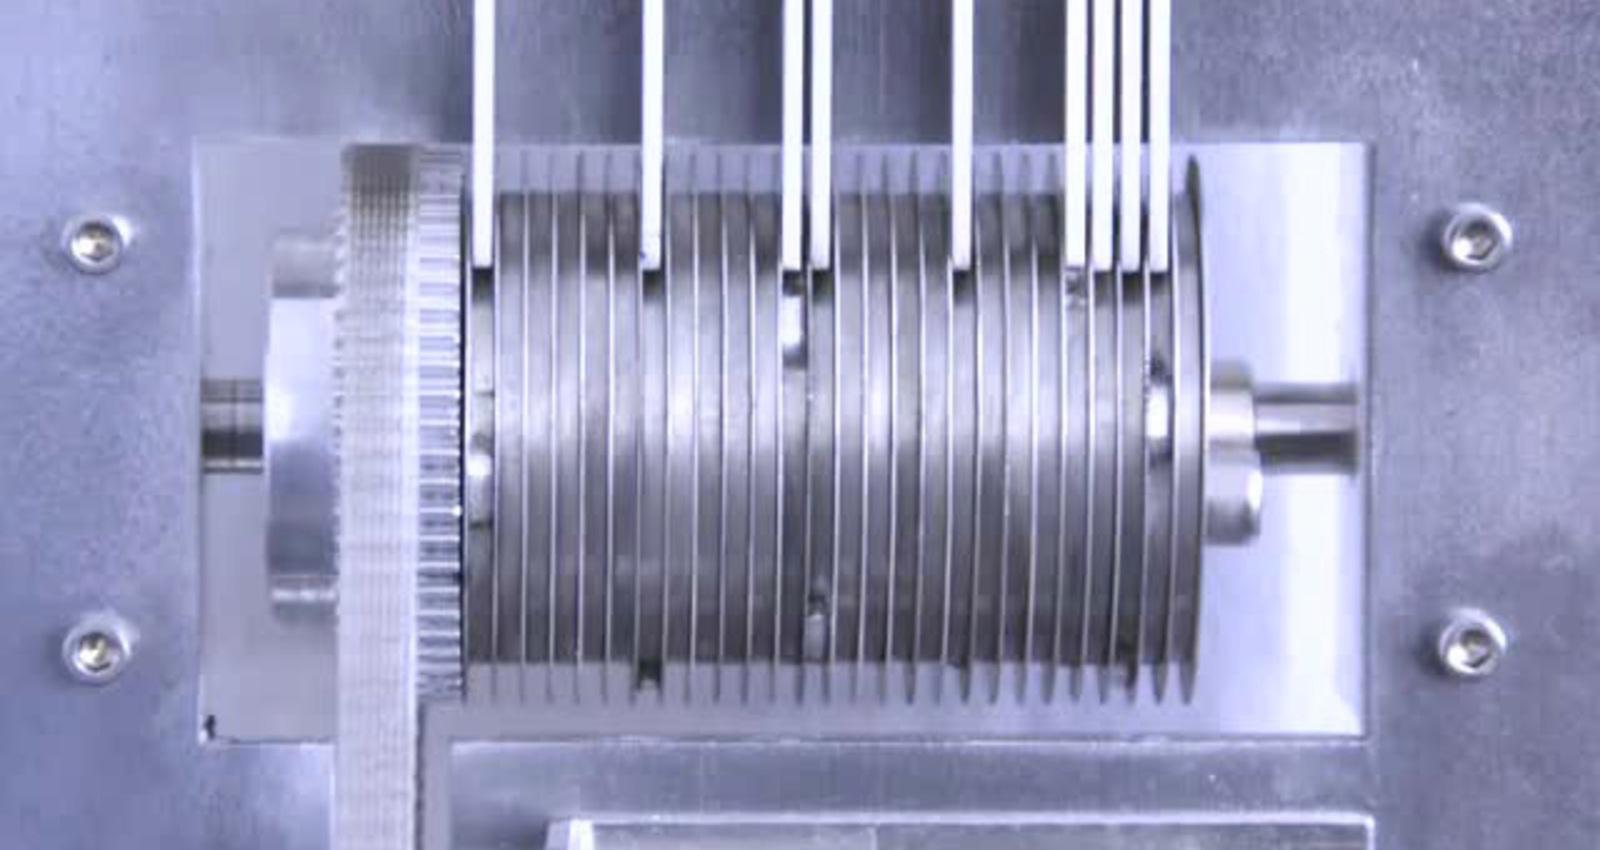 Mechanical Pi